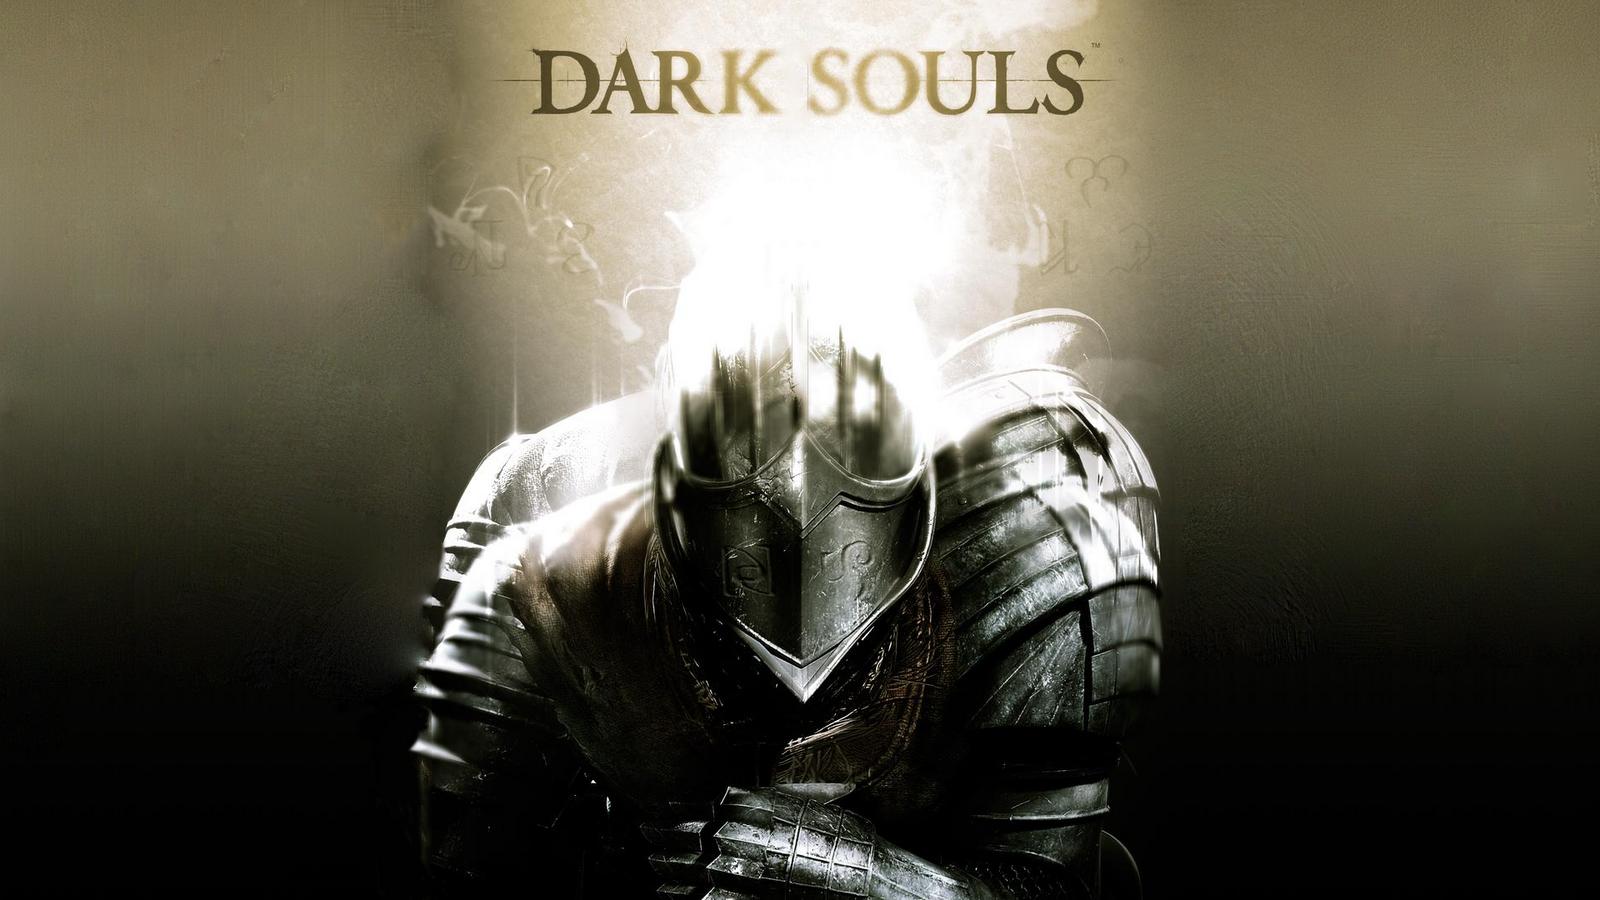 wallpapers de dark souls en hd dark souls es un juego para ps3 lleno 1600x900